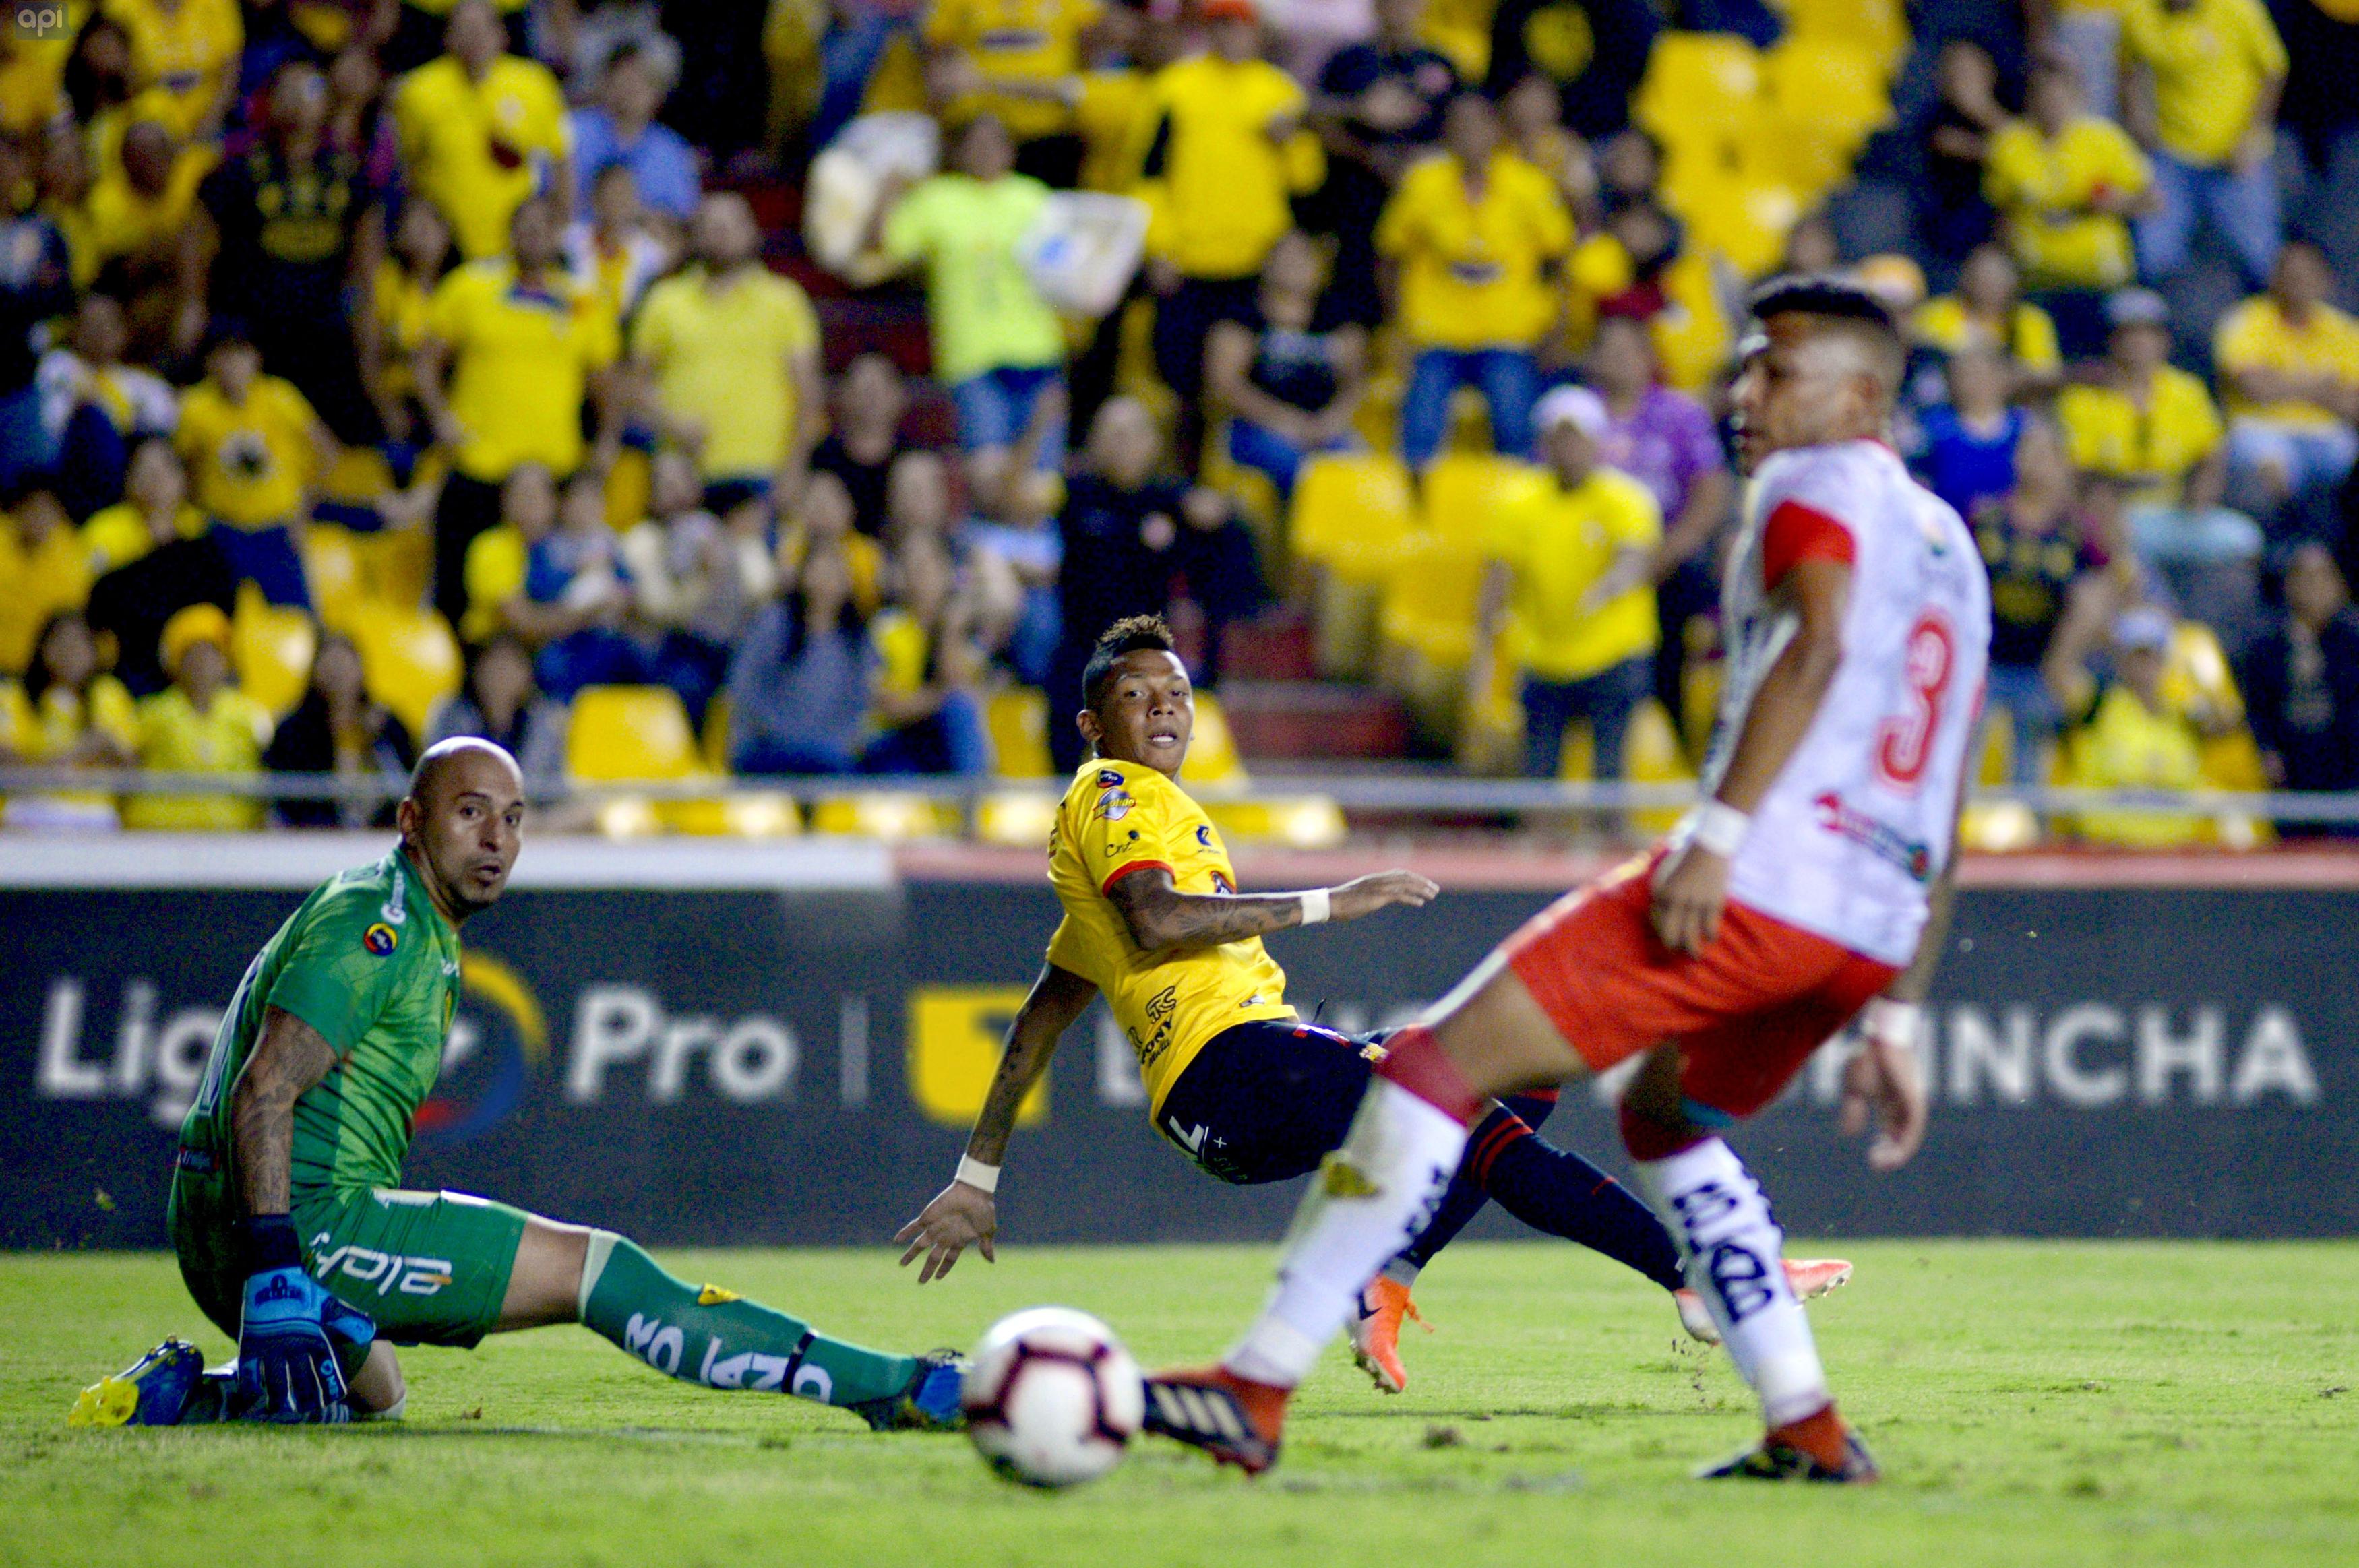 El centrocampista del 'Ídolo' sumó sus primeros minutos y celebró la remontada ante Fuerza Amarilla